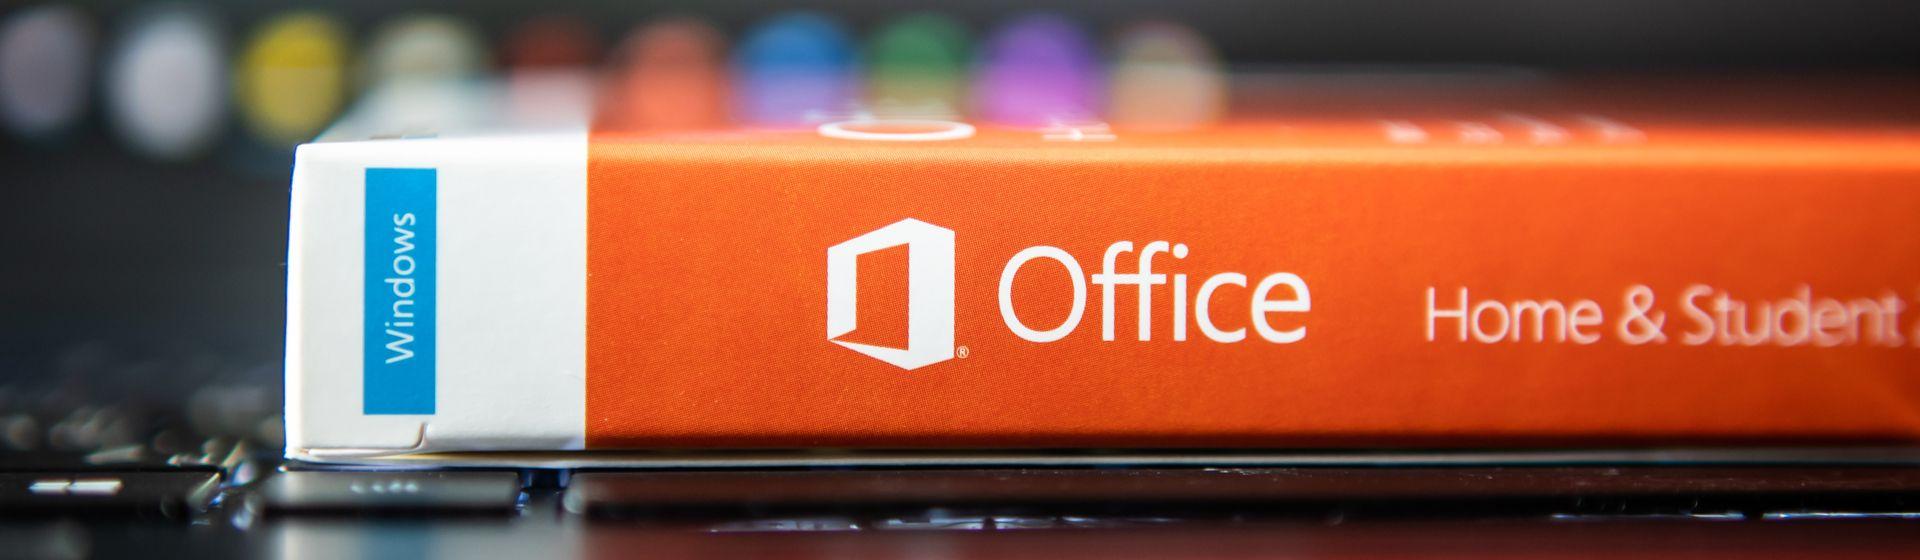 O que é pacote Office e como ele pode te ajudar no dia a dia